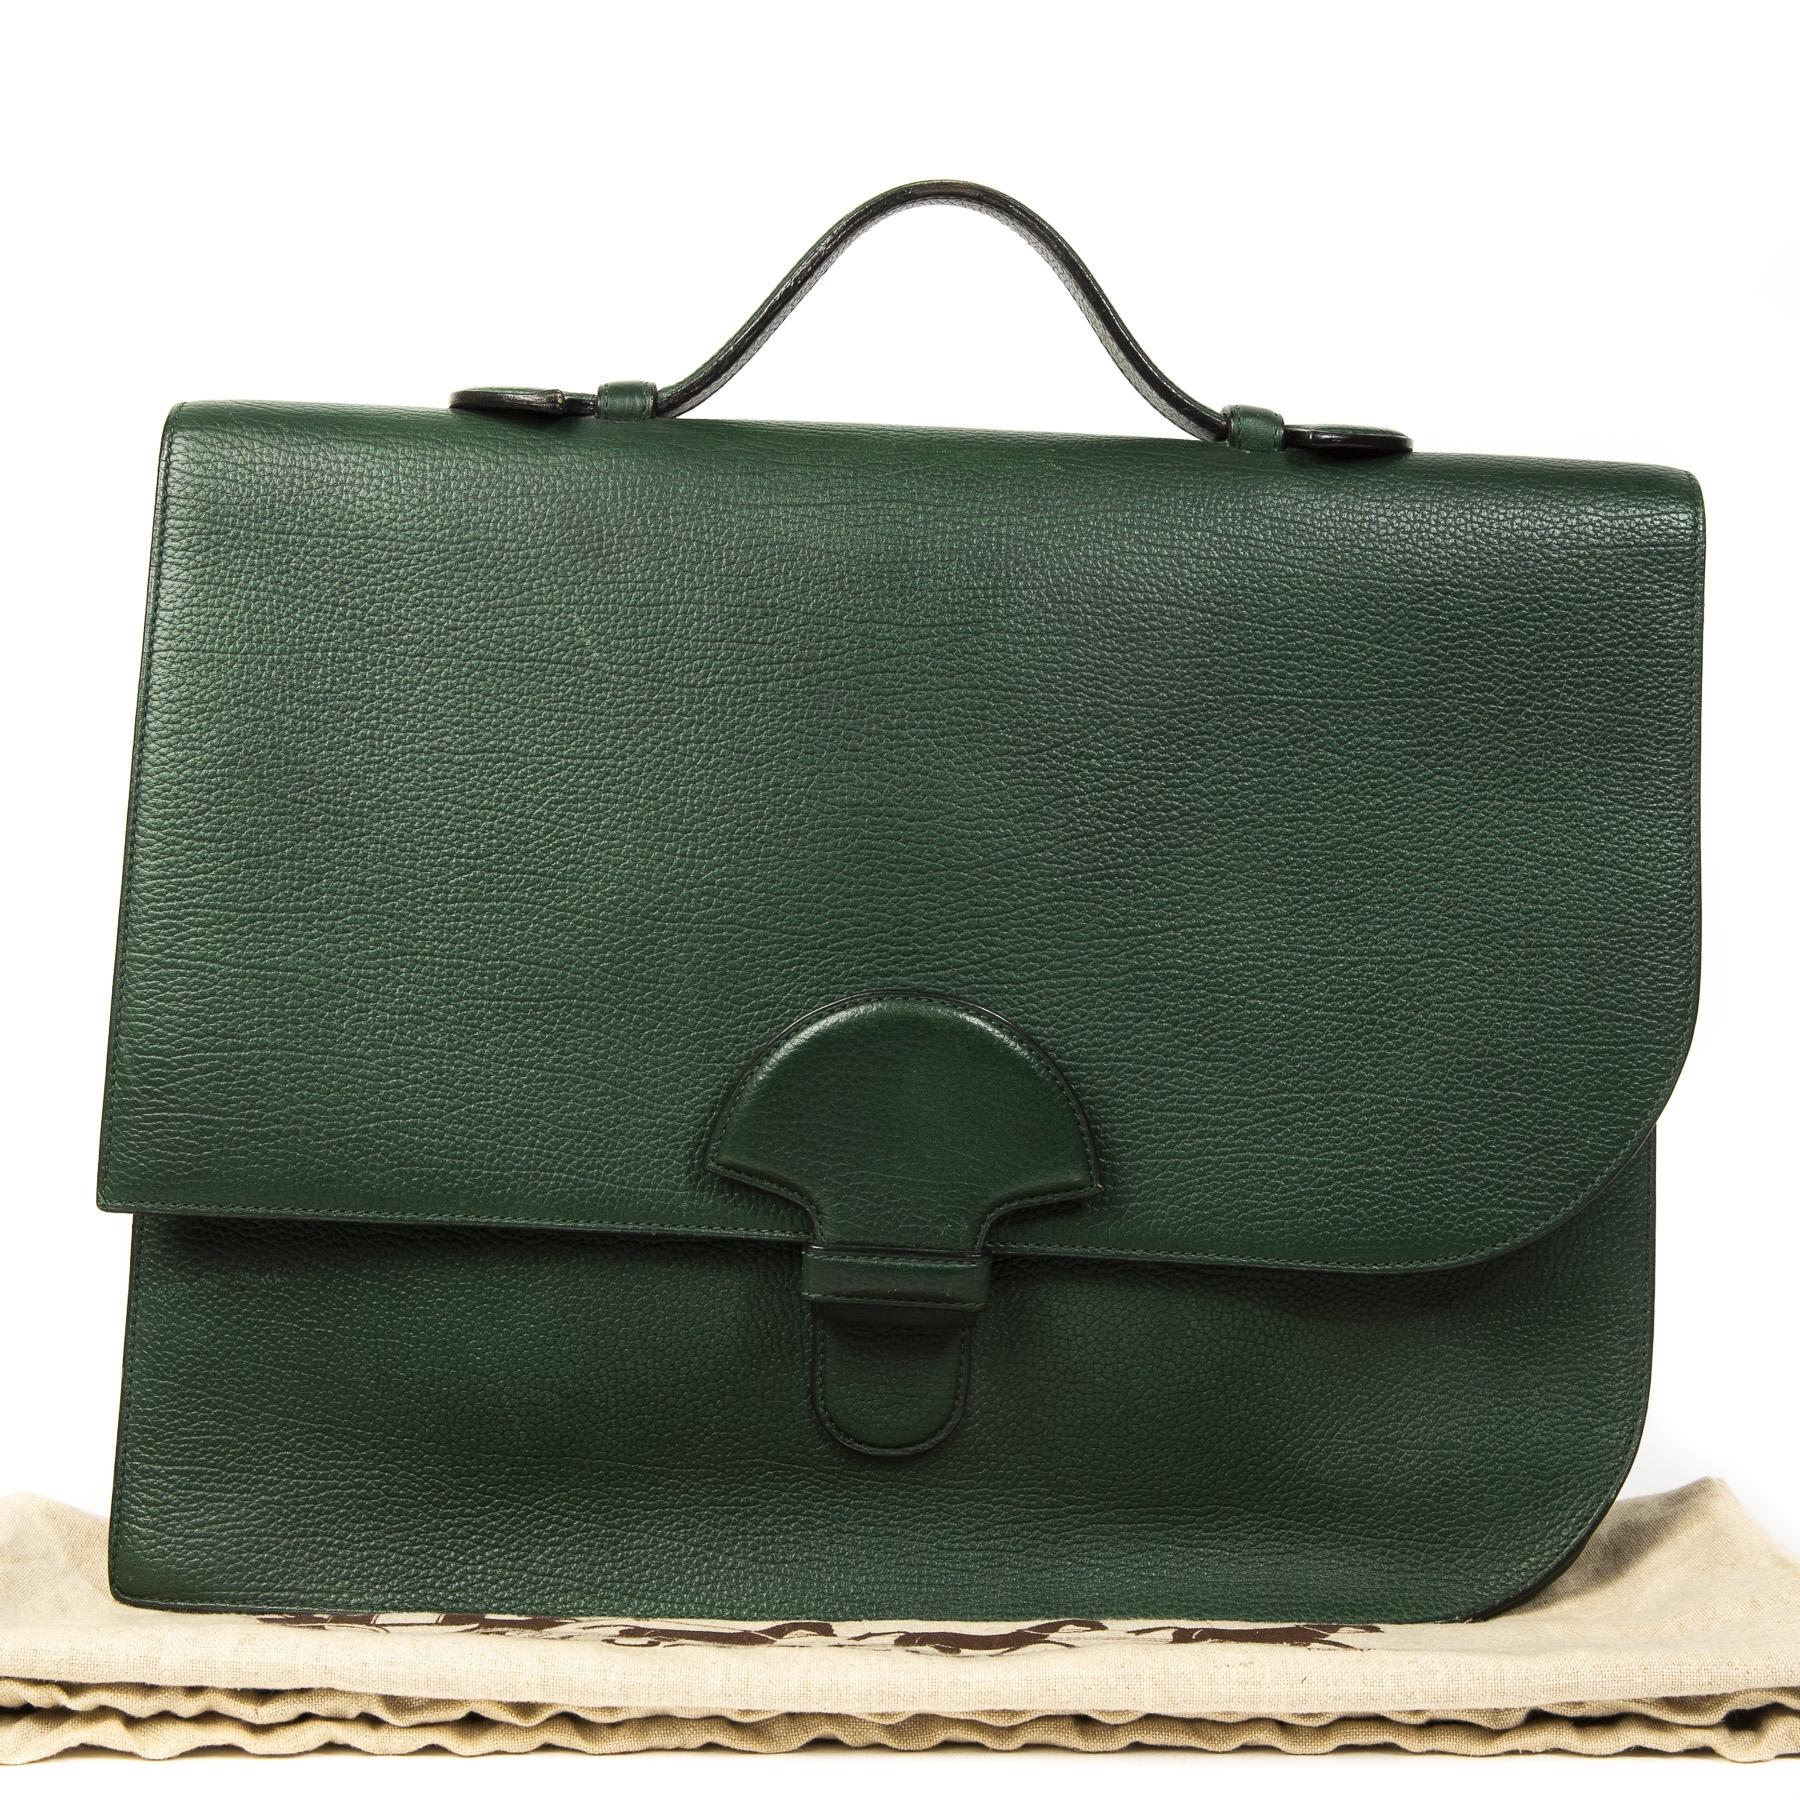 cfc652f8ce3 ... Delvaux Green Cartable Presse Briefcase. Buy authentic secondhand  Delvaux Green Cartable Presse Briefcase at labellov